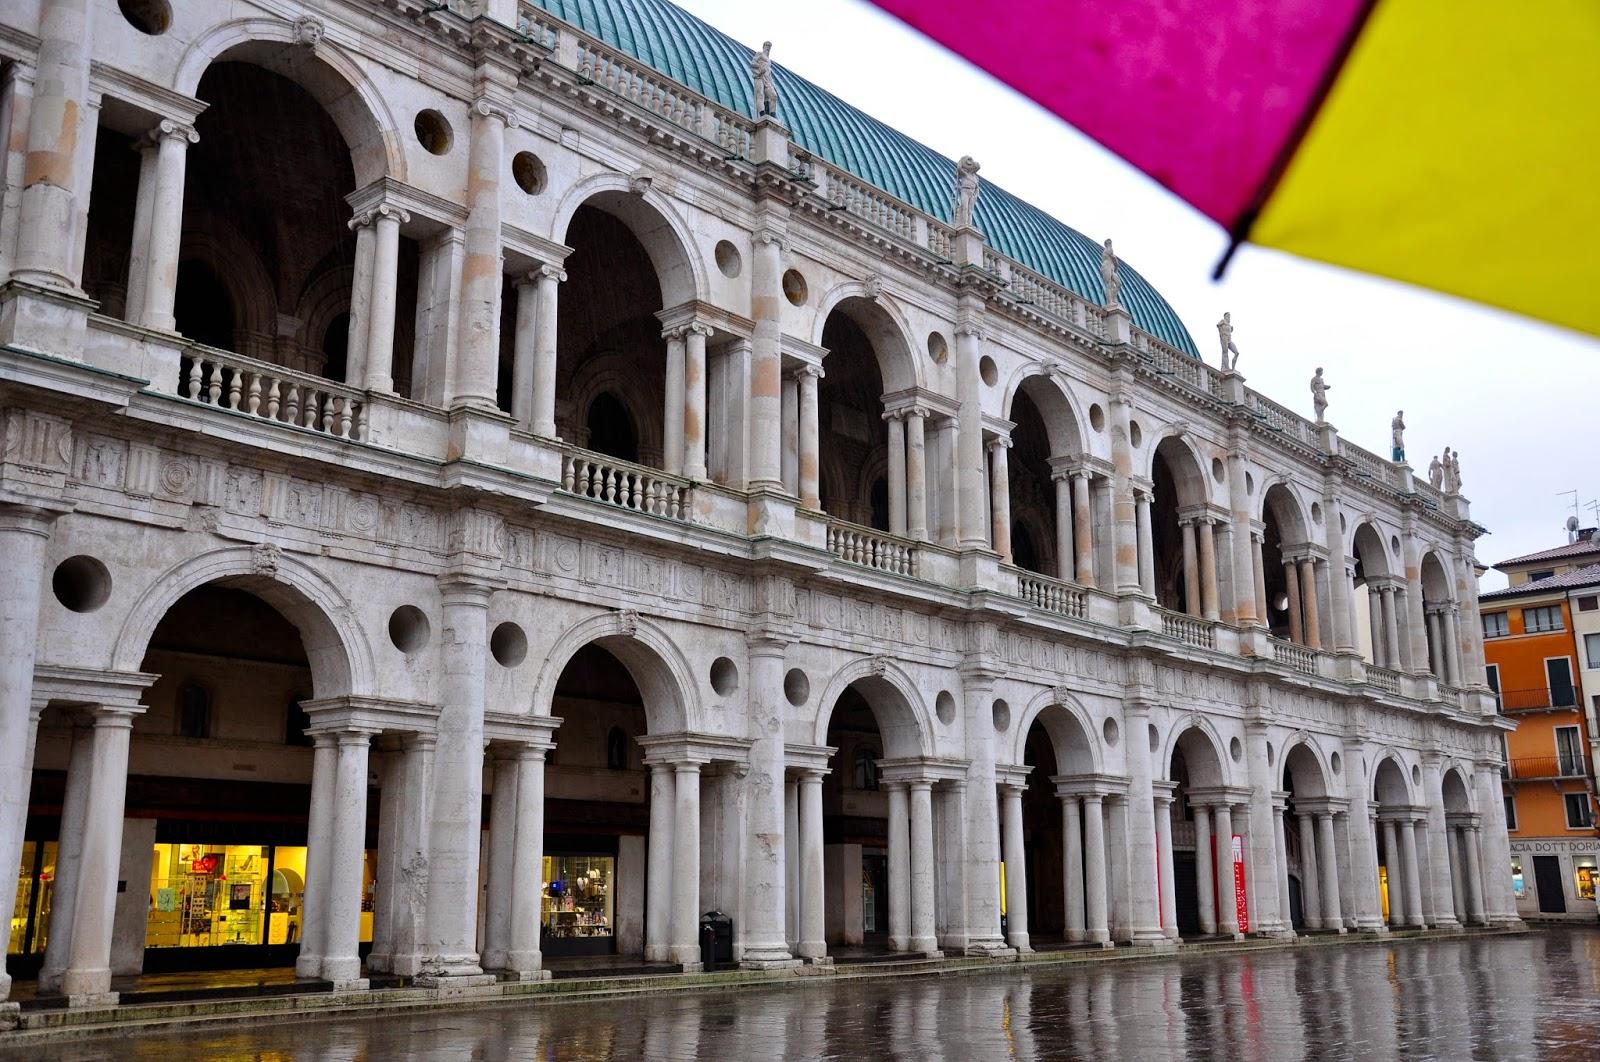 Palladio basilica umbrella